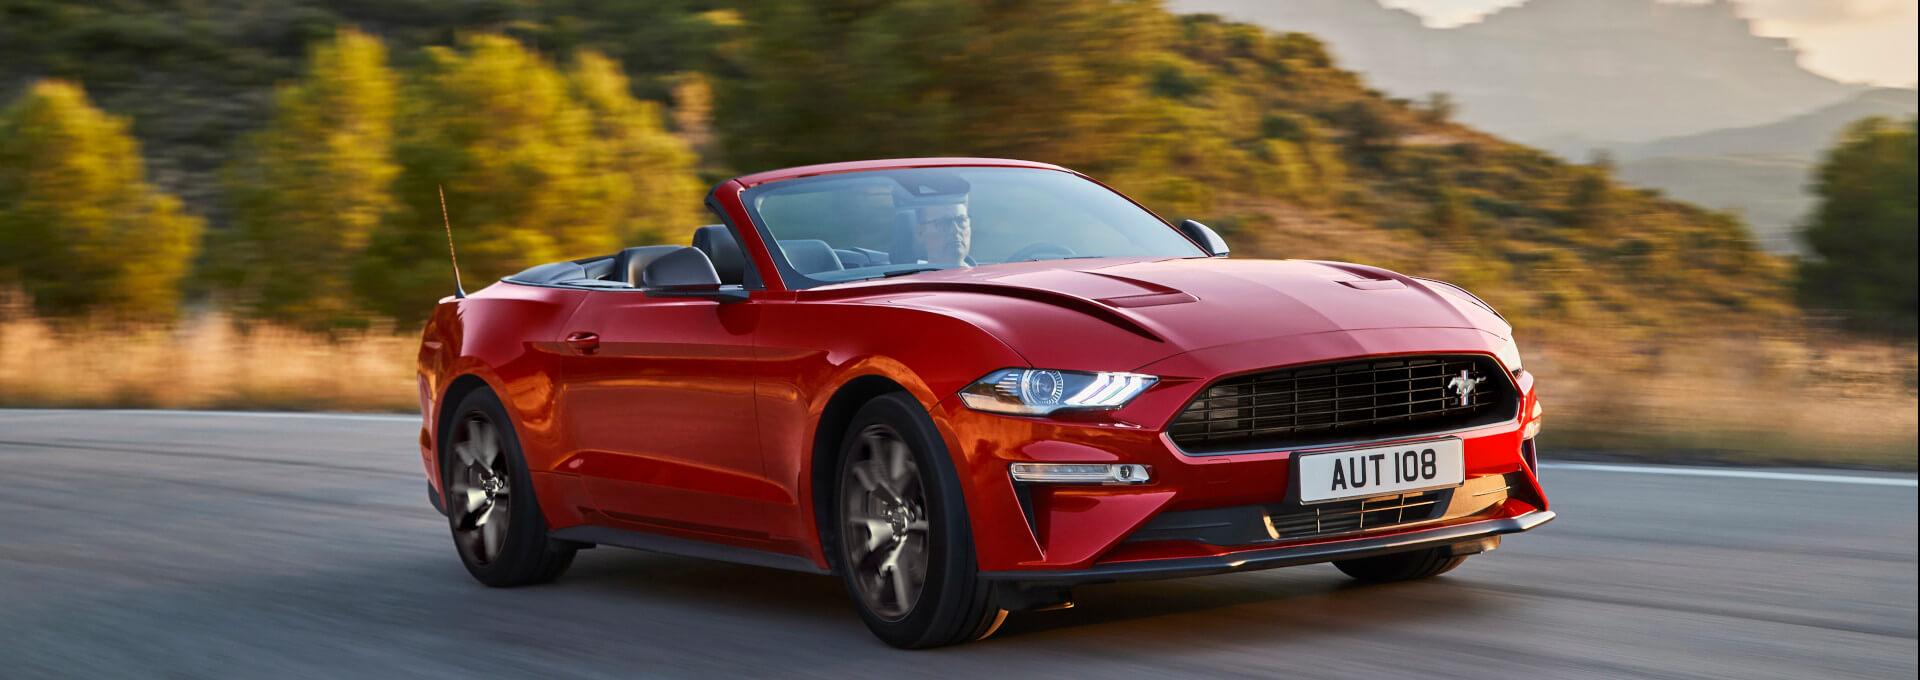 Mustang roter Ford Sportwagen auf Straße